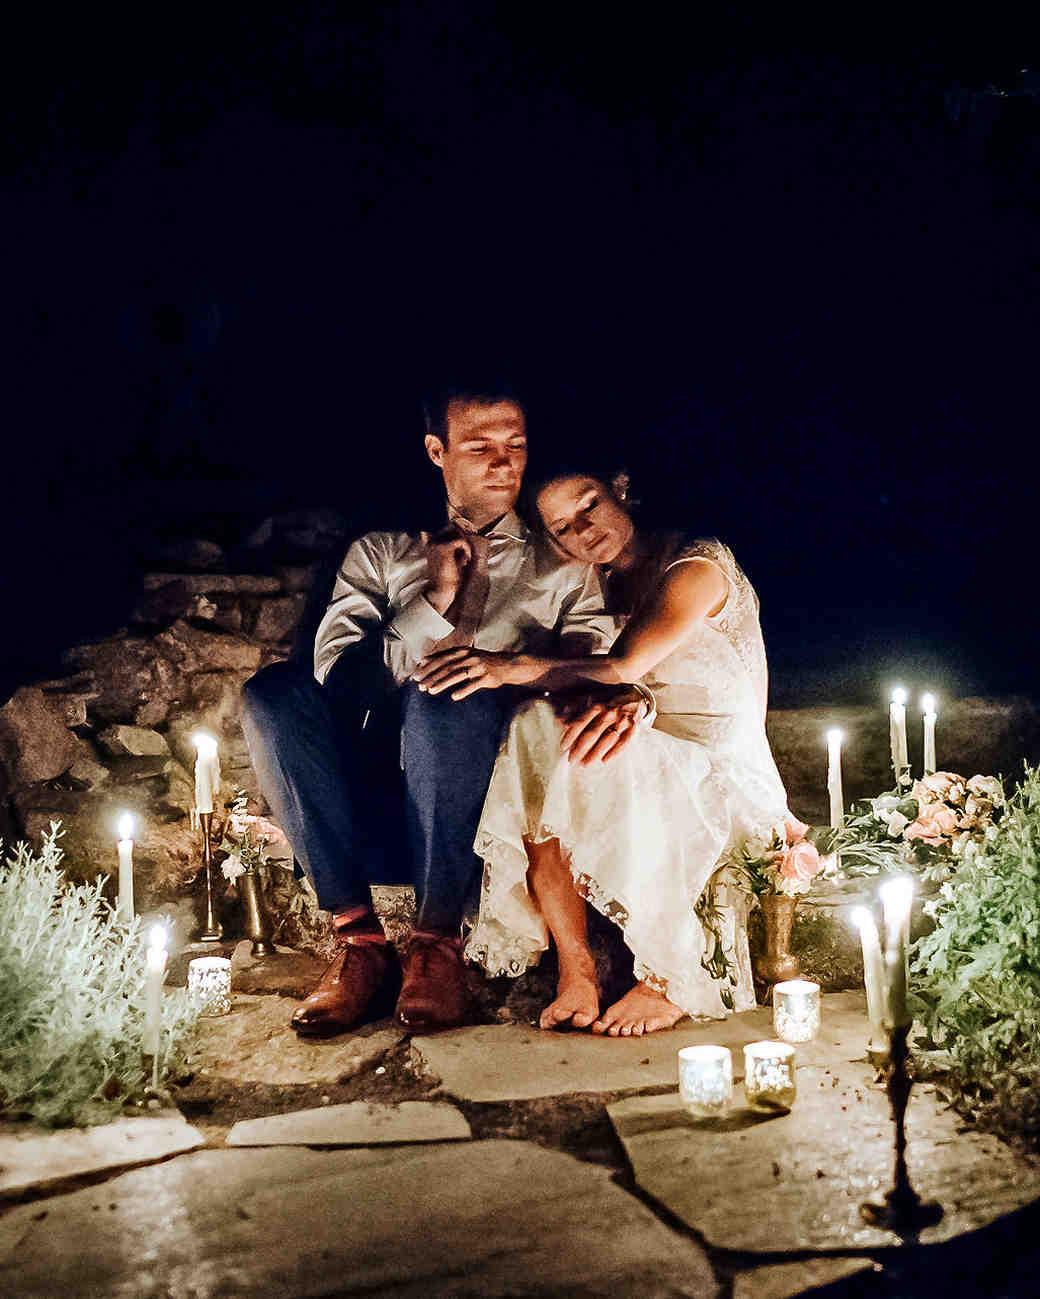 amy nick wedding night candles couple